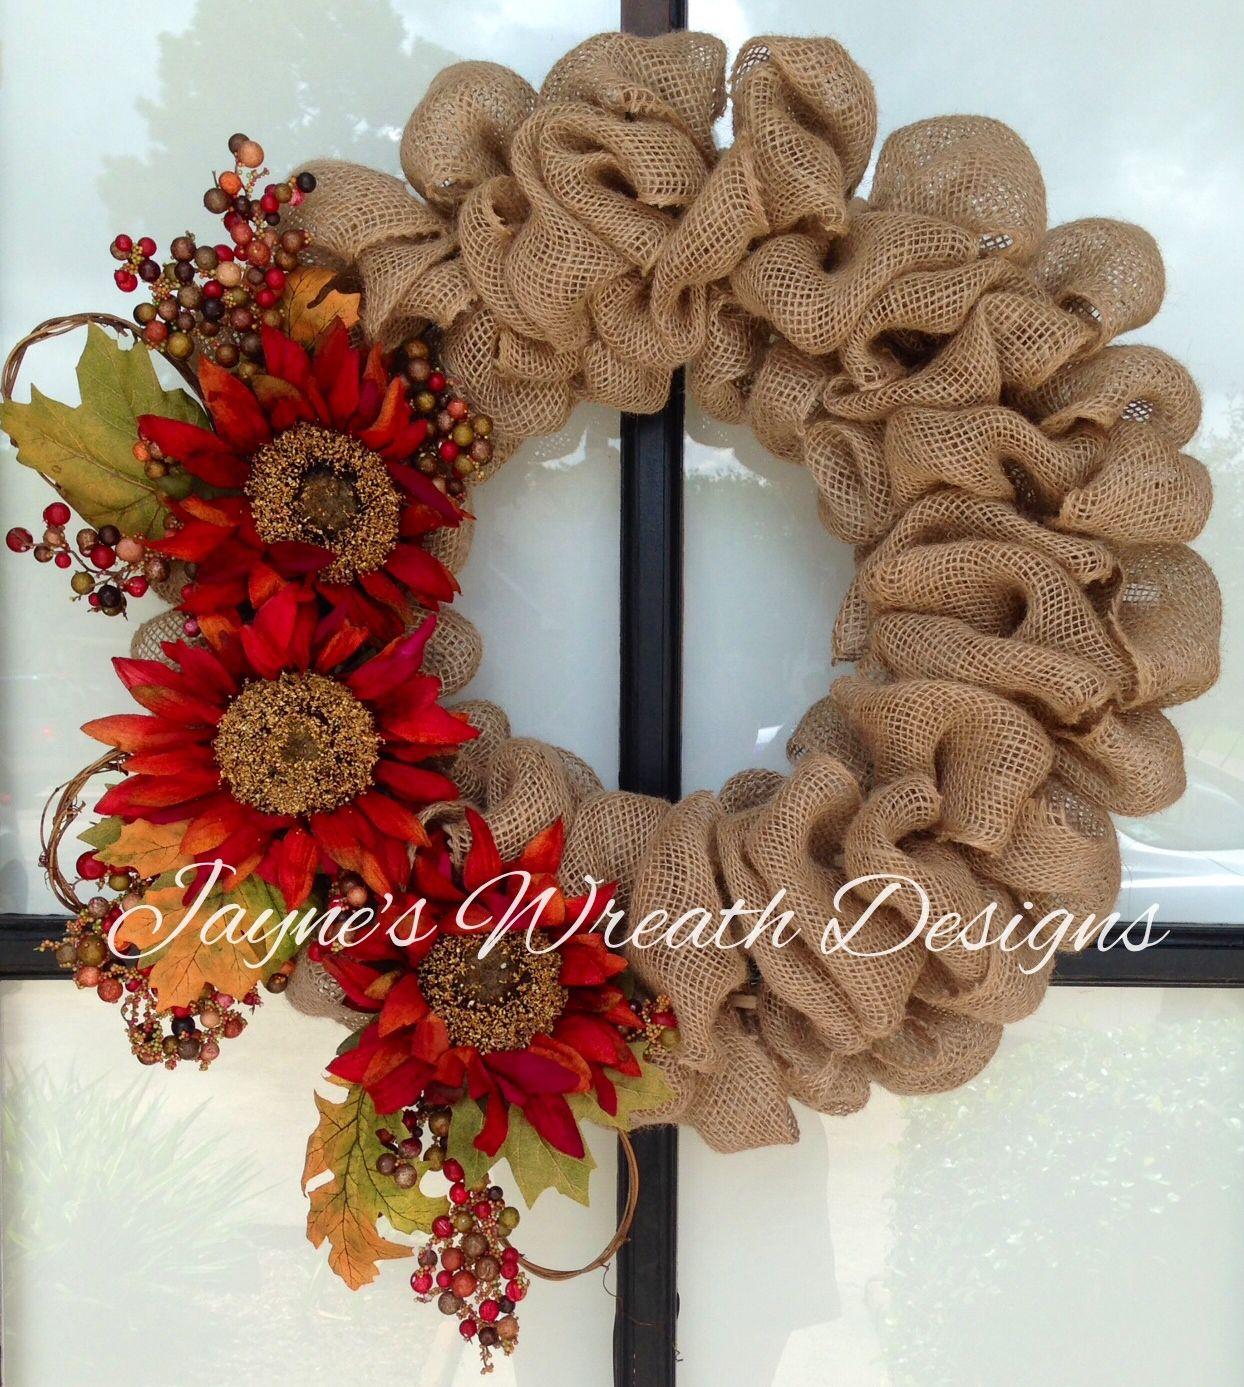 Fun & Patrioct July 4th DIY Wreaths